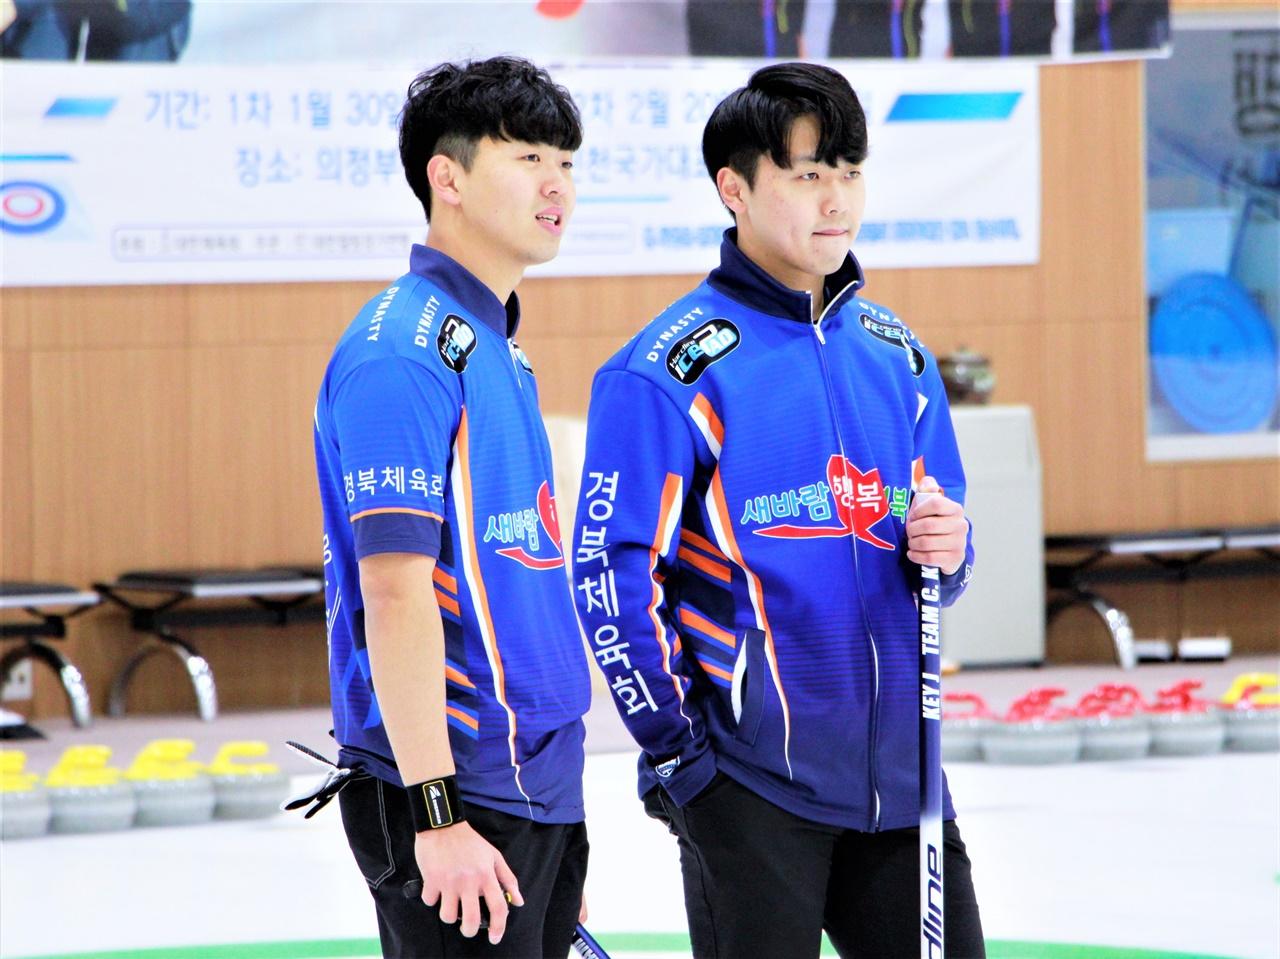 코리아 컬링 리그에는 두 '국대 쌍둥이'가 있다. 사진은 경북체육회 남자부 이기복(왼쪽), 이기정 선수.